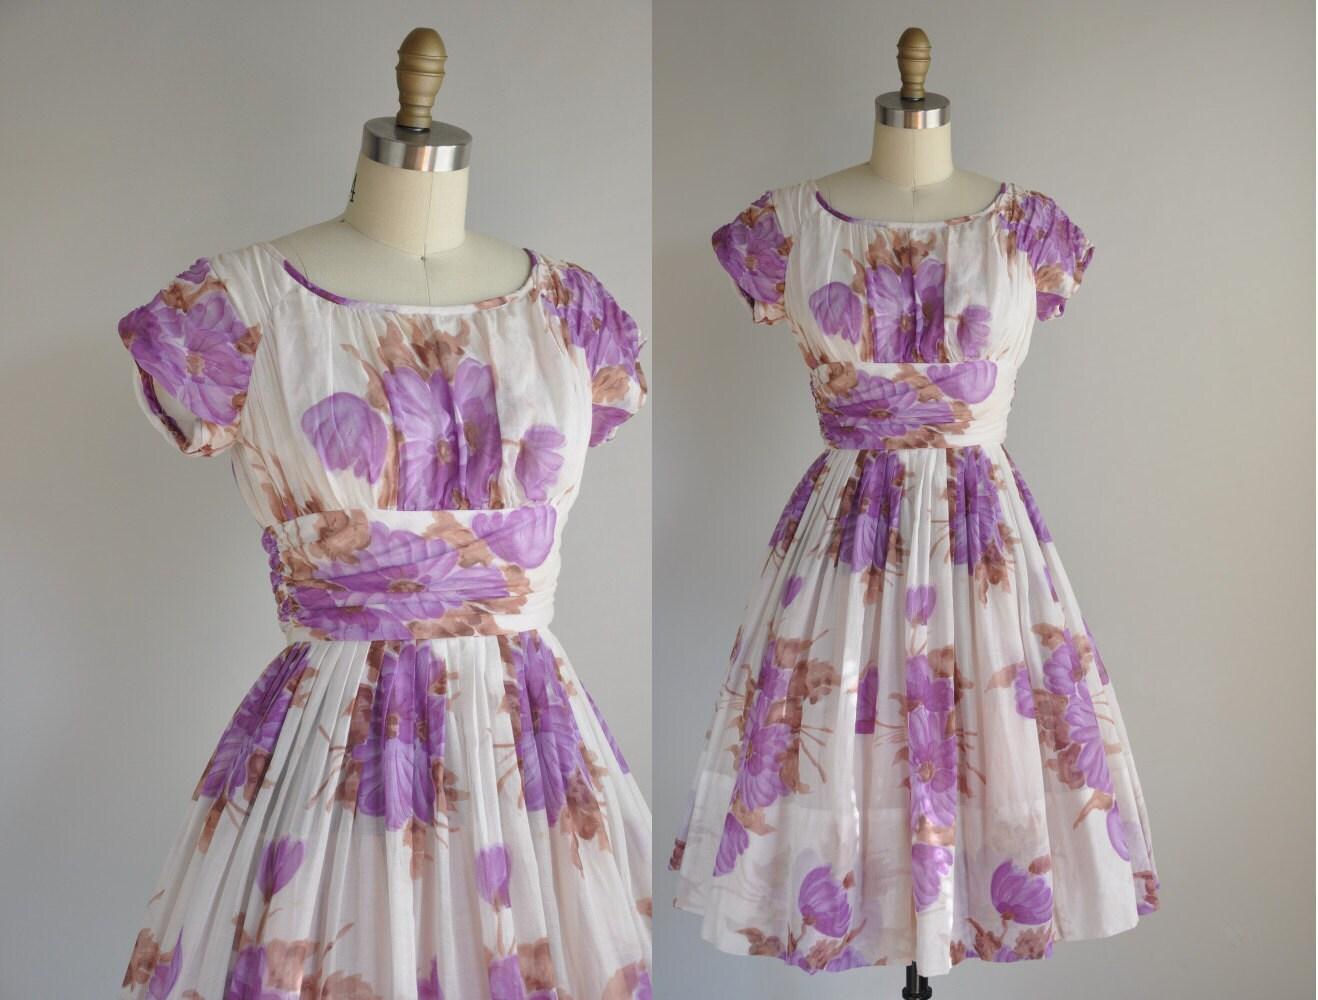 Фотографии, эскизы моделей платьев 20 х годов.